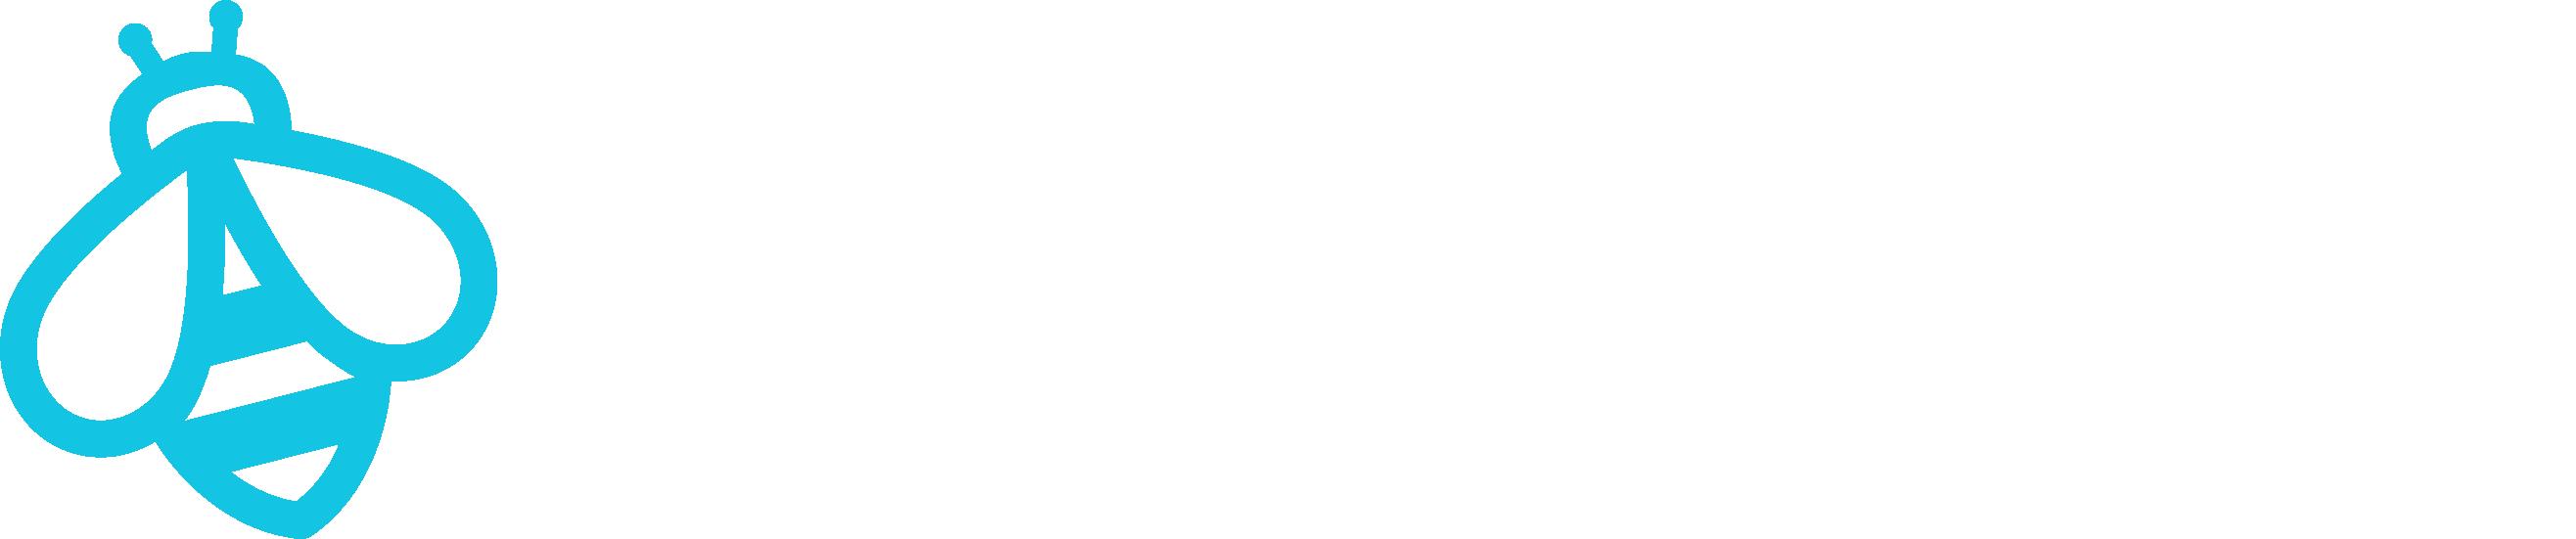 Lawbee logo